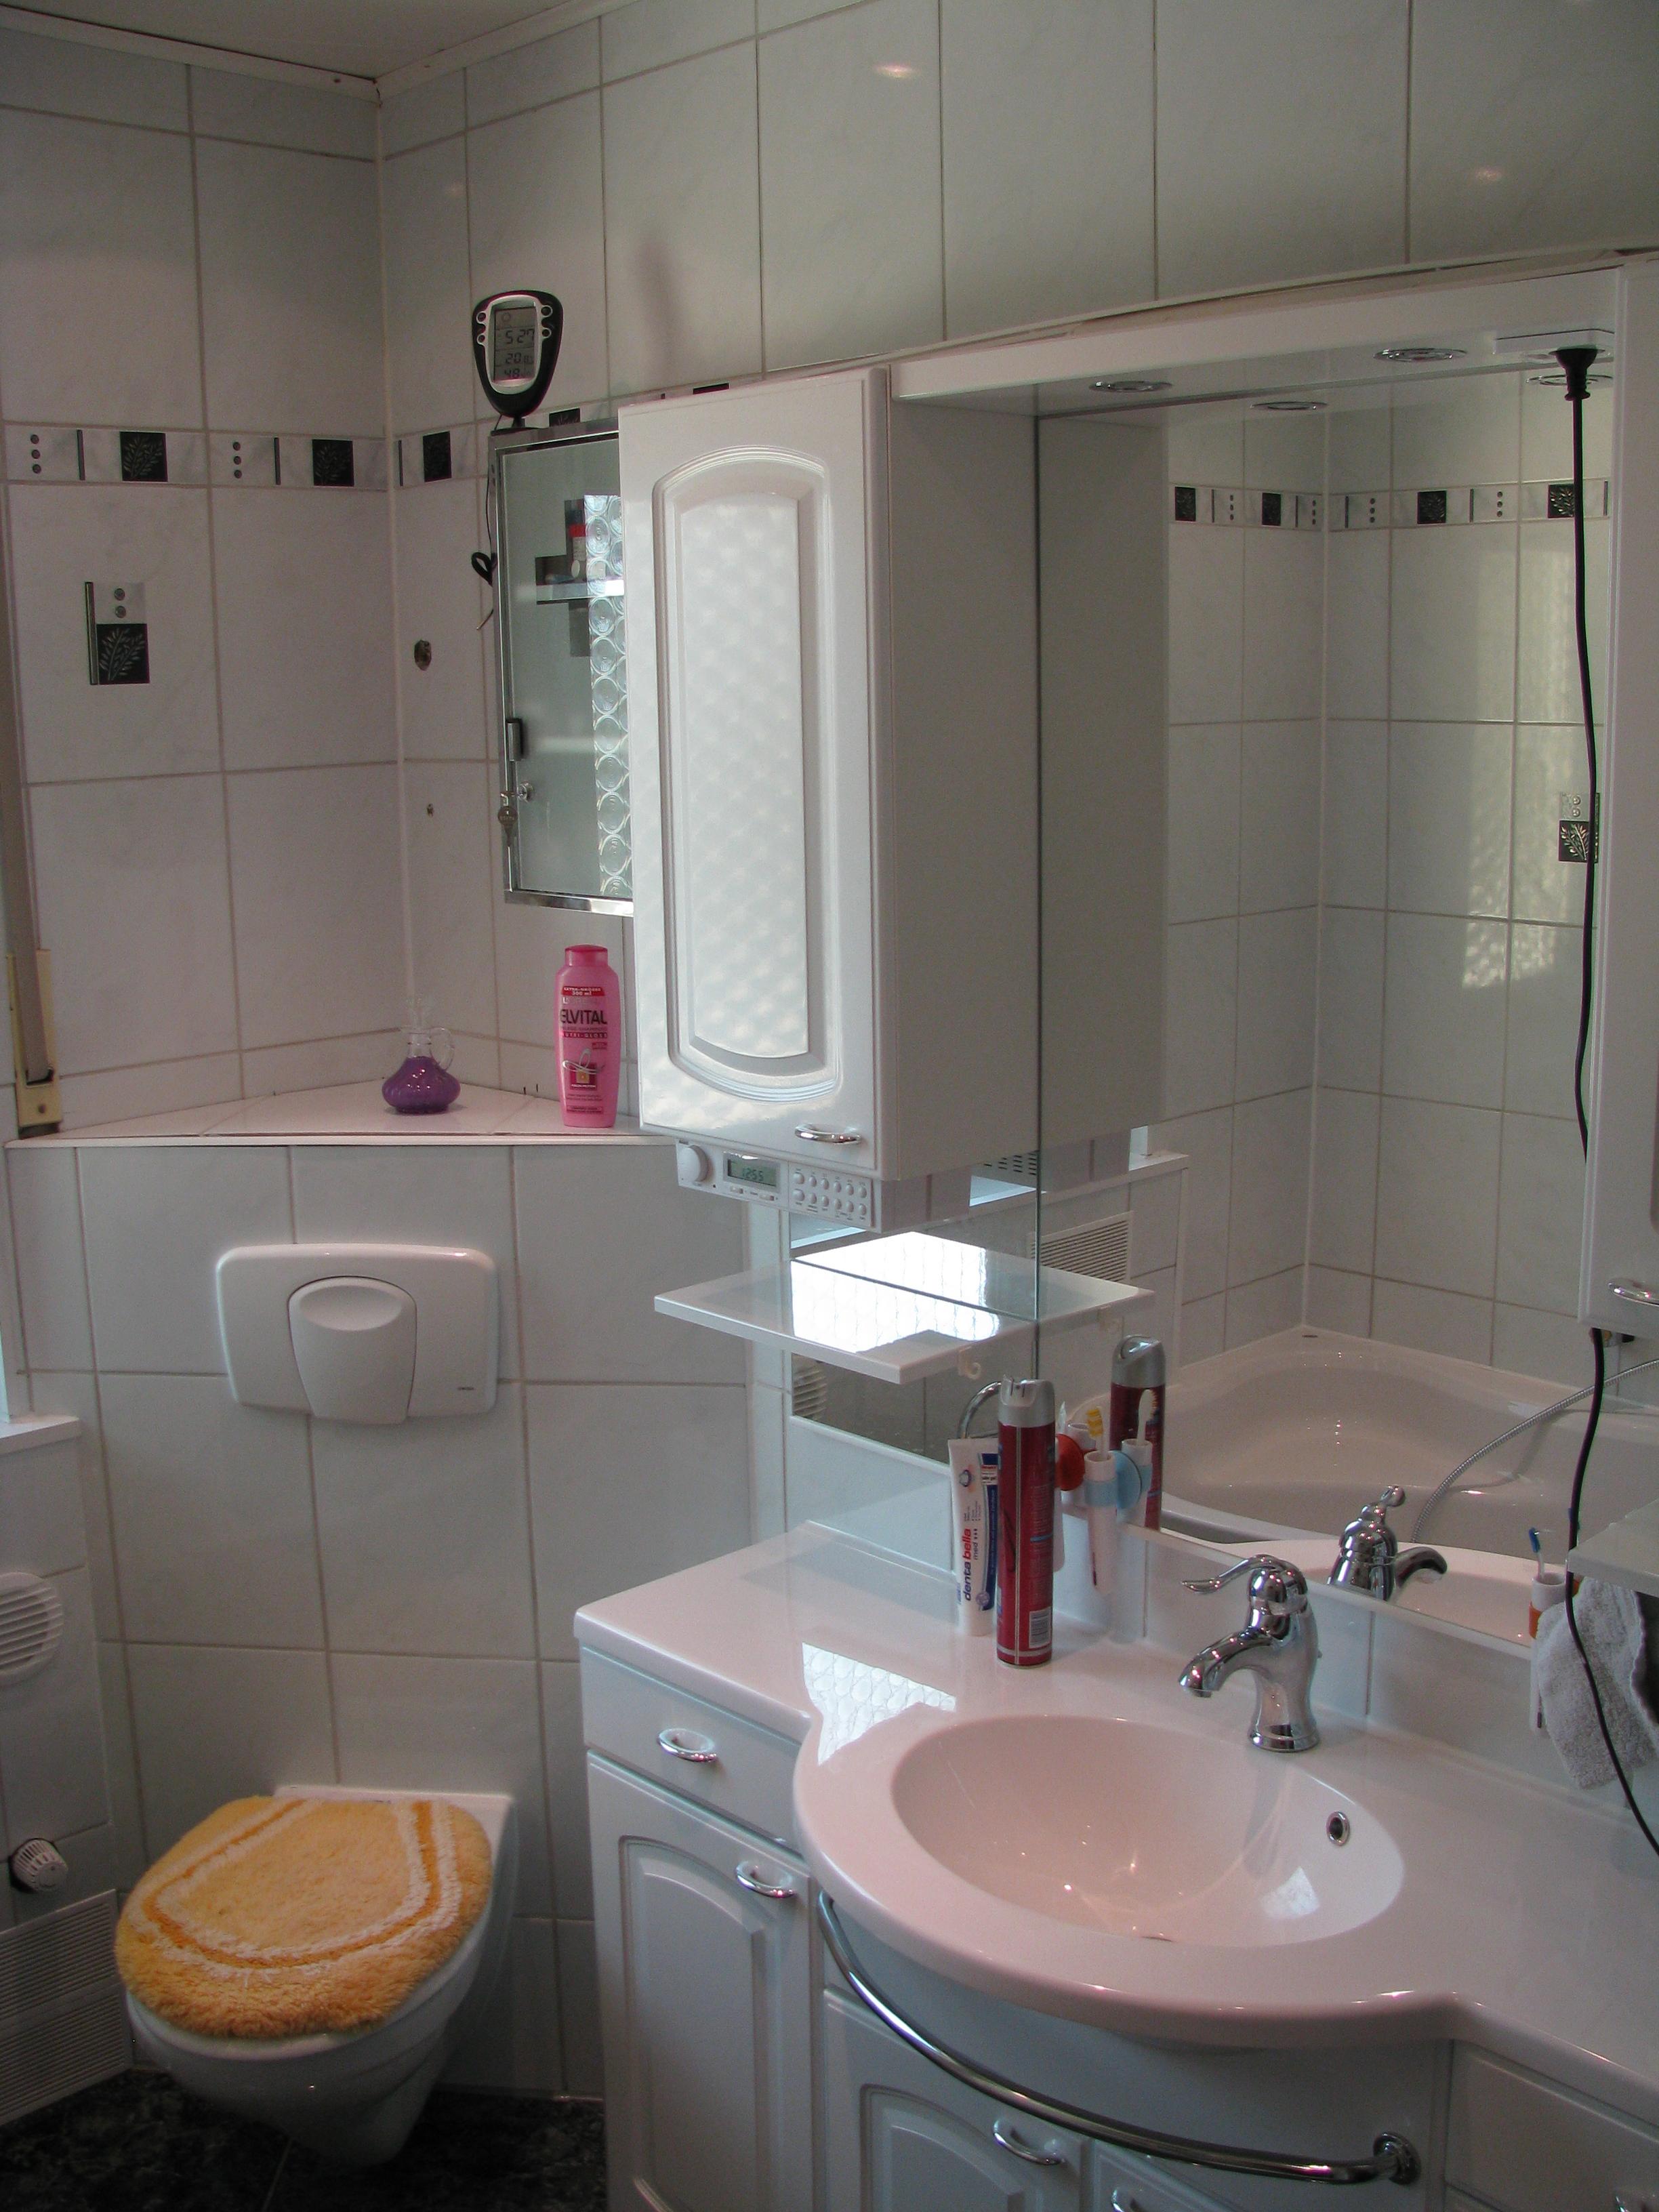 mhs mobiler hausmeisterservice. Black Bedroom Furniture Sets. Home Design Ideas